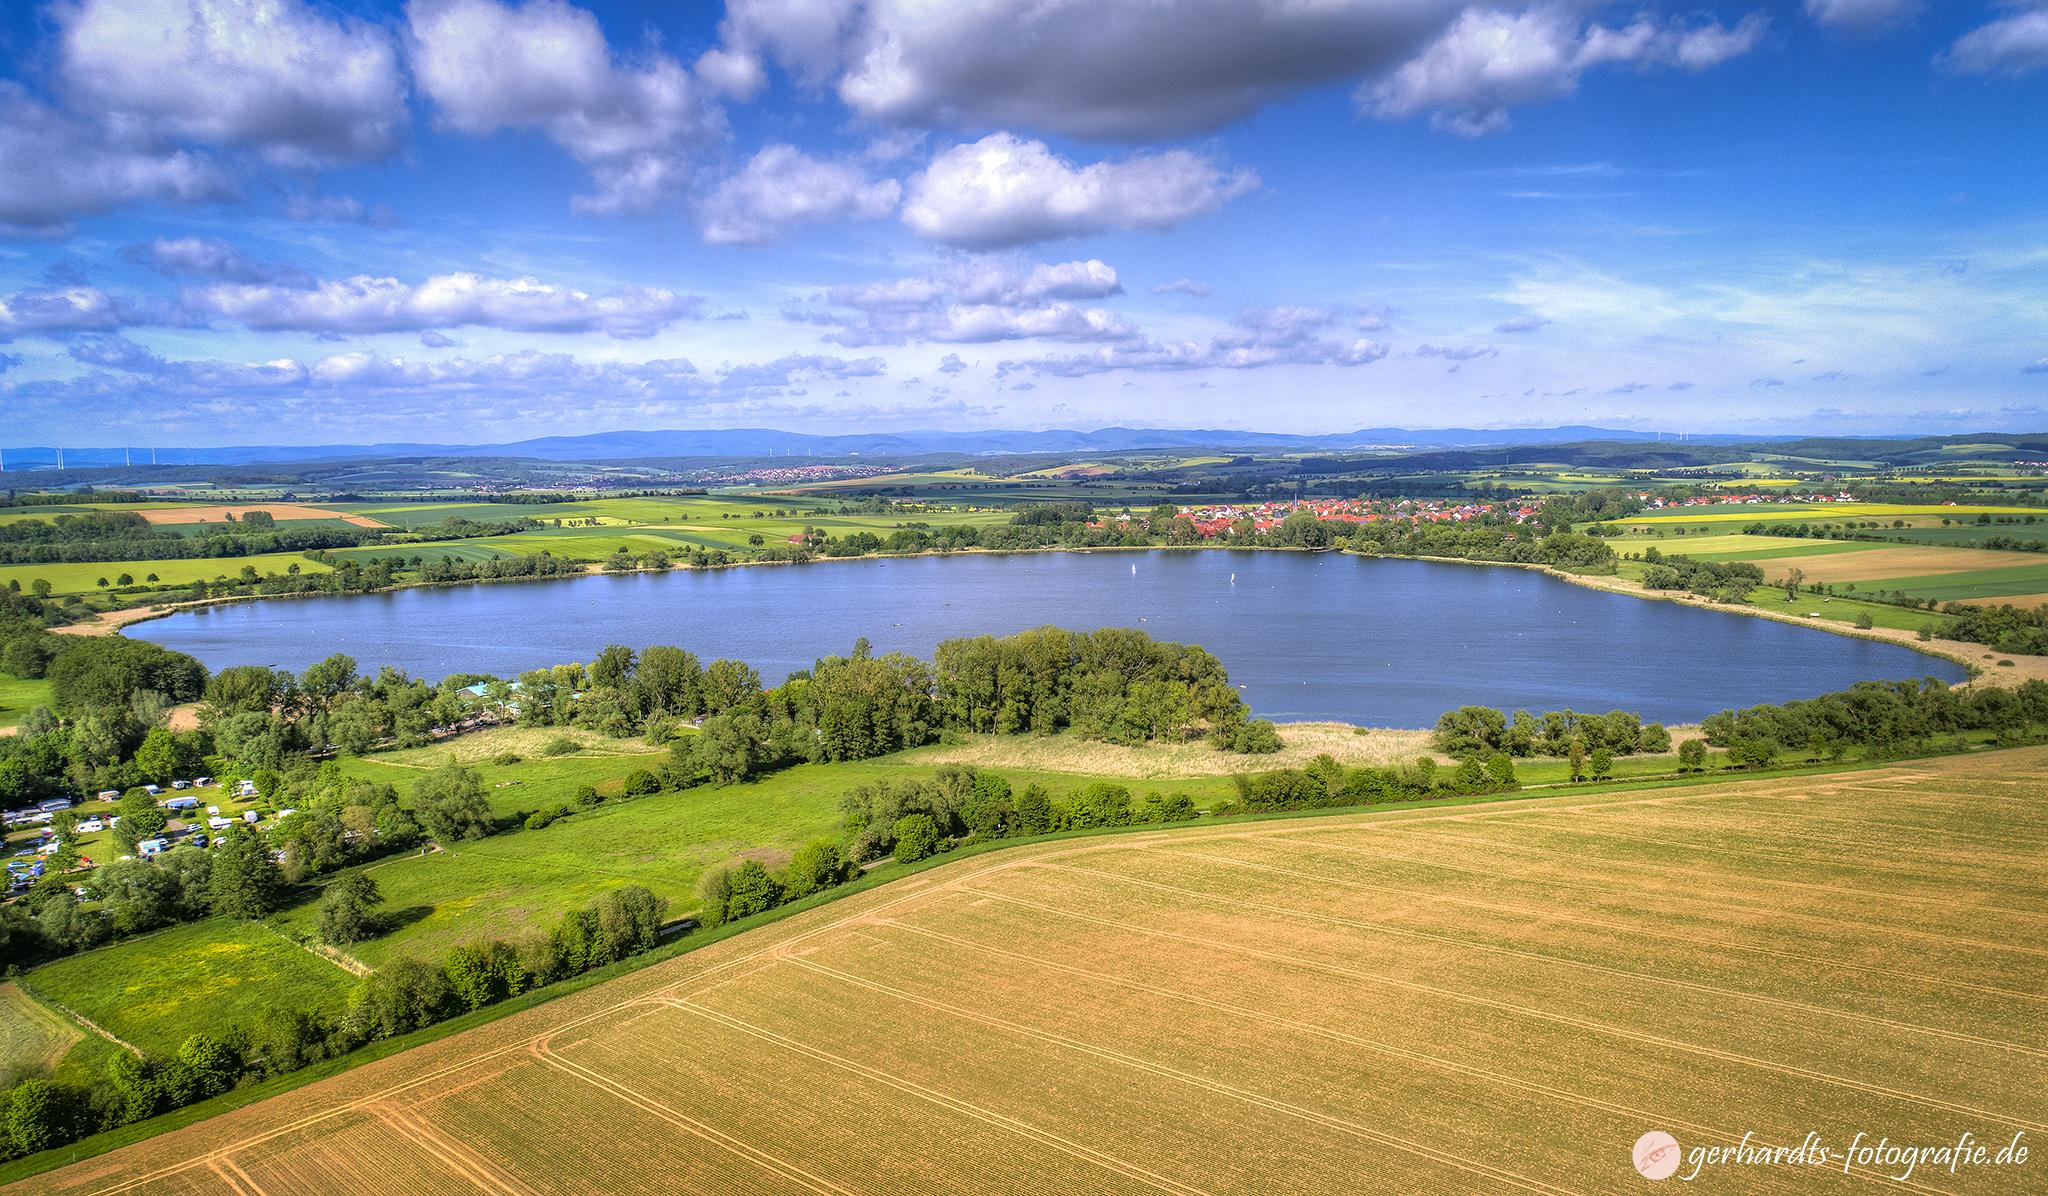 Luftbild Seeburger See | Luftbildaufnahmen Göttingen Südniedersachsen